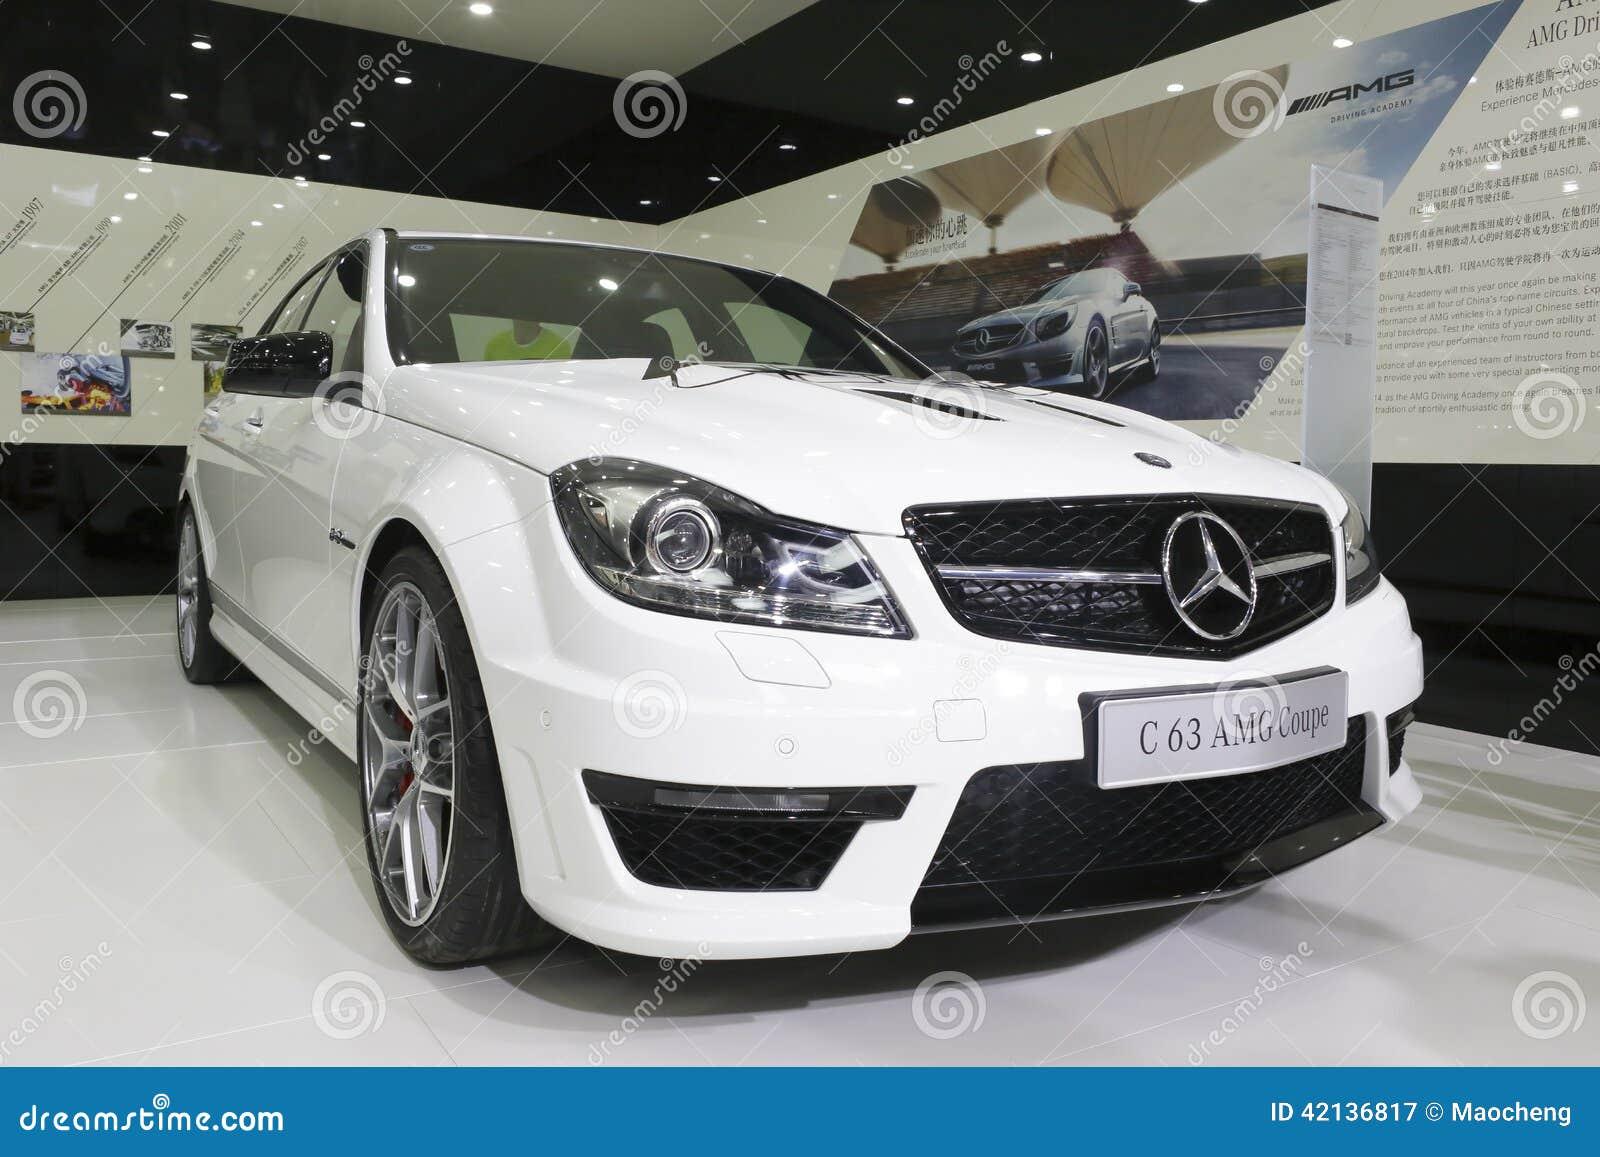 Automobile bianca del coupé del amg del Mercedes-benz c63